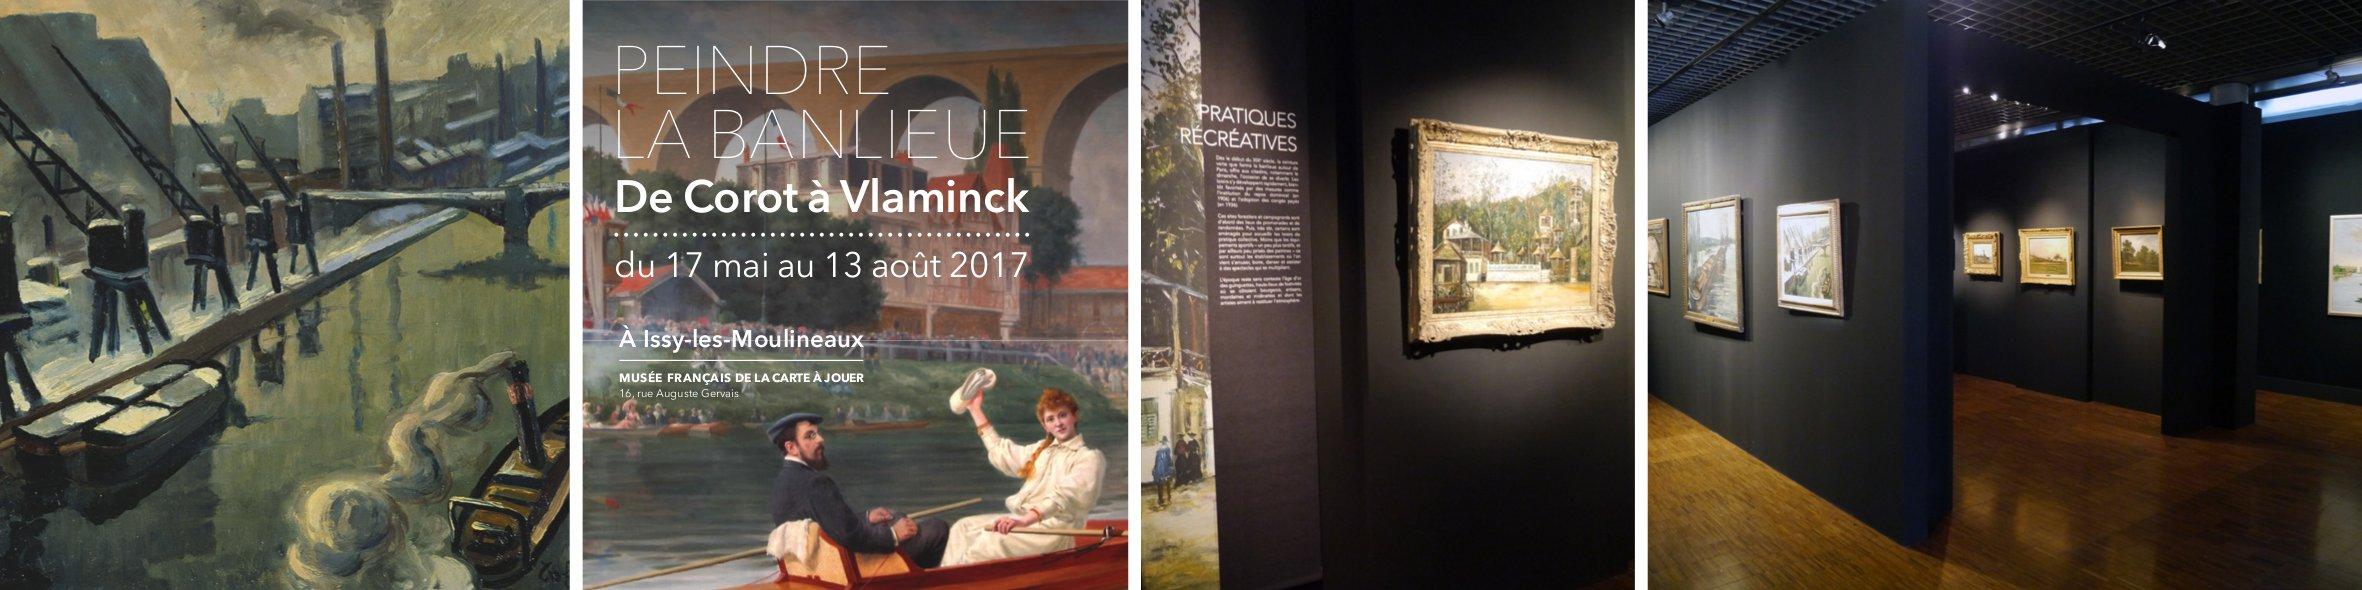 """""""Peindre la banlieue. De Corot à Vlaminck"""", exposition du 17 mai au 13 août 2017, Musée Français de la Carte à Jouer, Issy-les-Moulineaux. ©Agence Point de Fuite"""